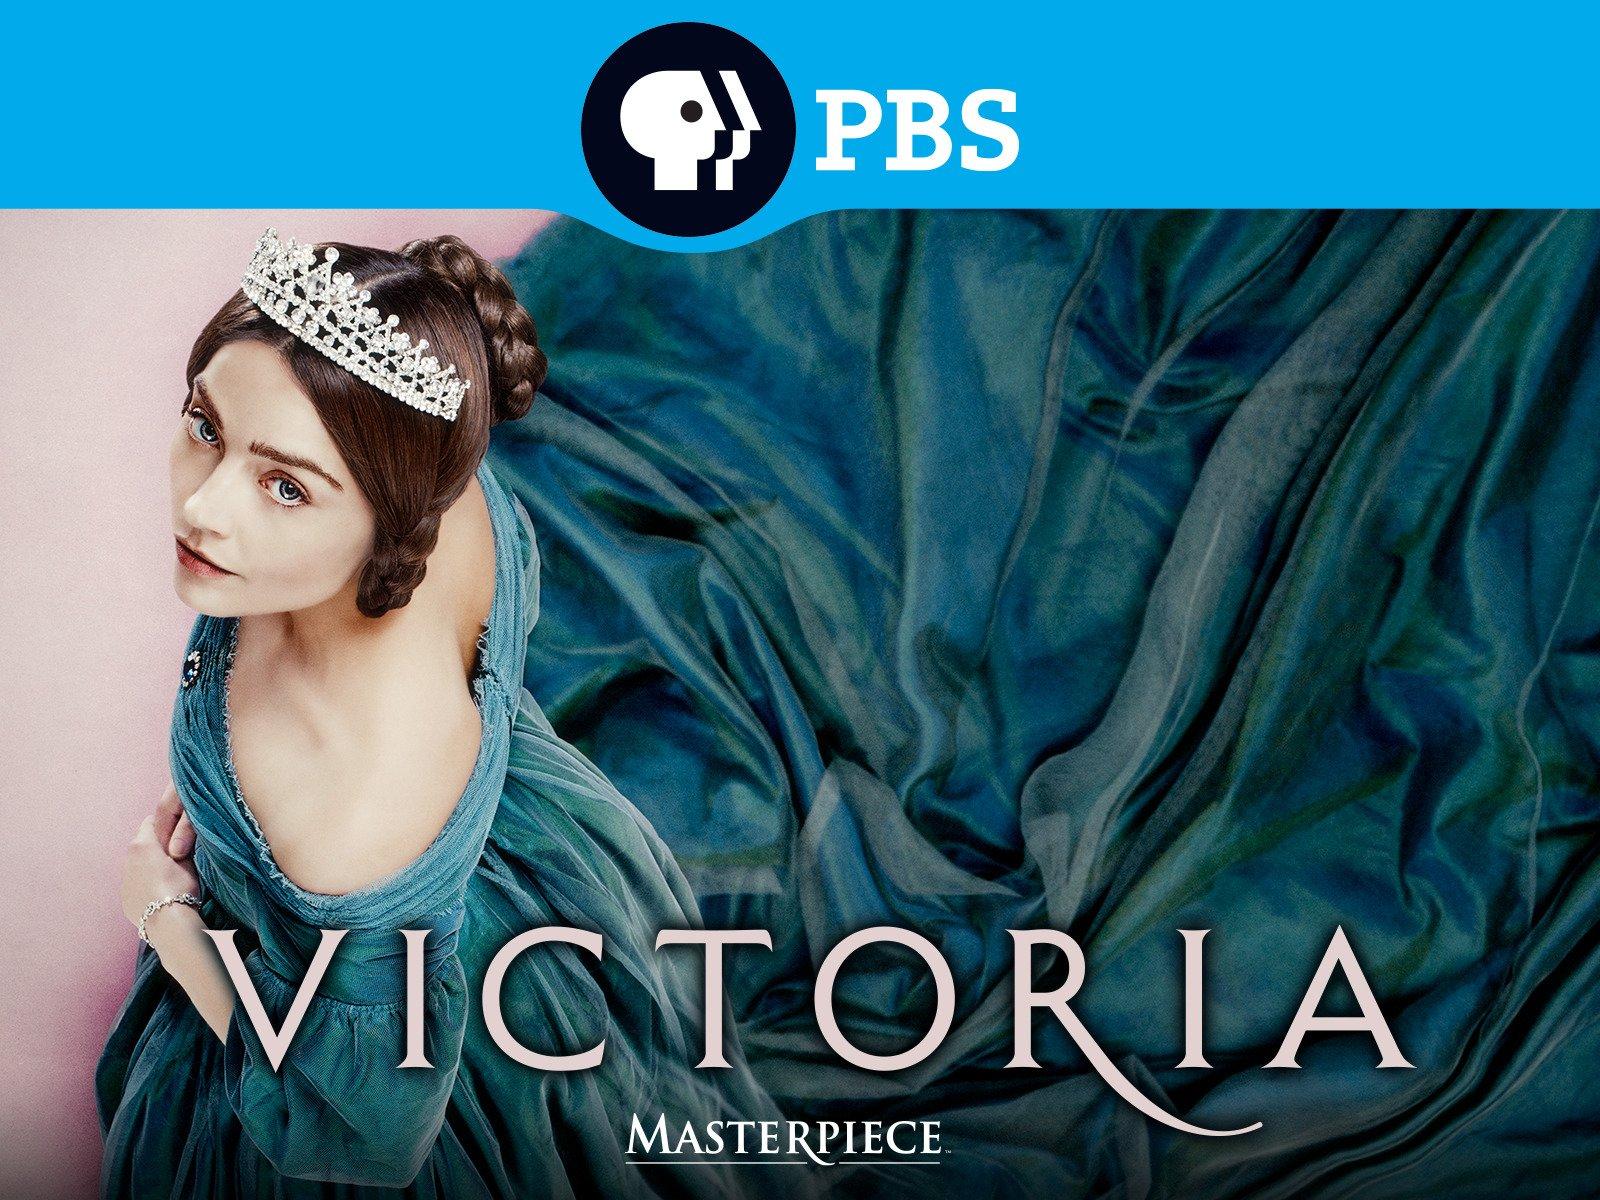 65c03ef6c614 Amazon.com  Watch Victoria Season 1